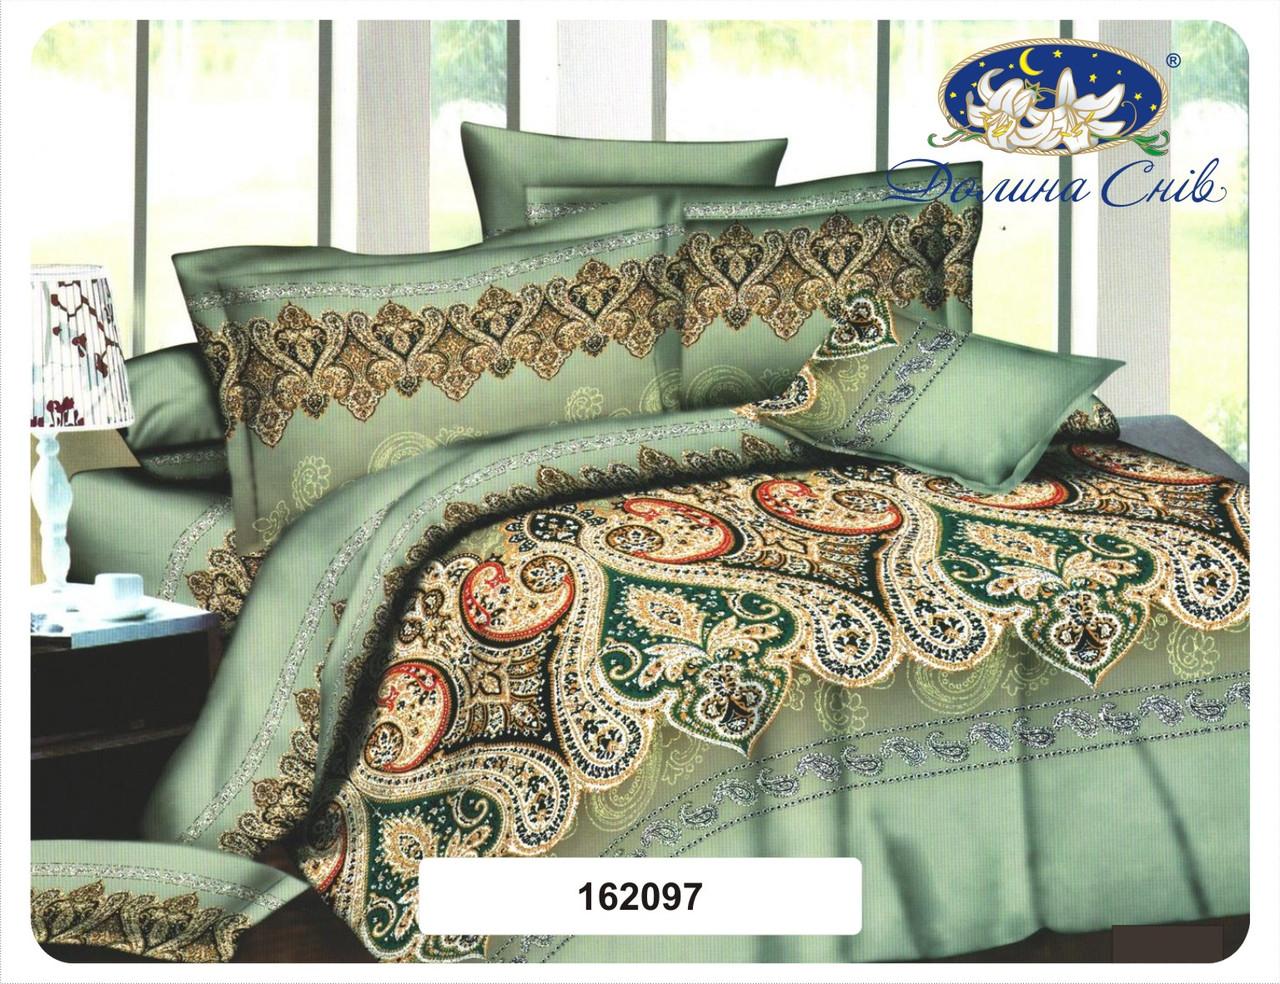 Одеяло из холлофайбера 220x200 см 162097